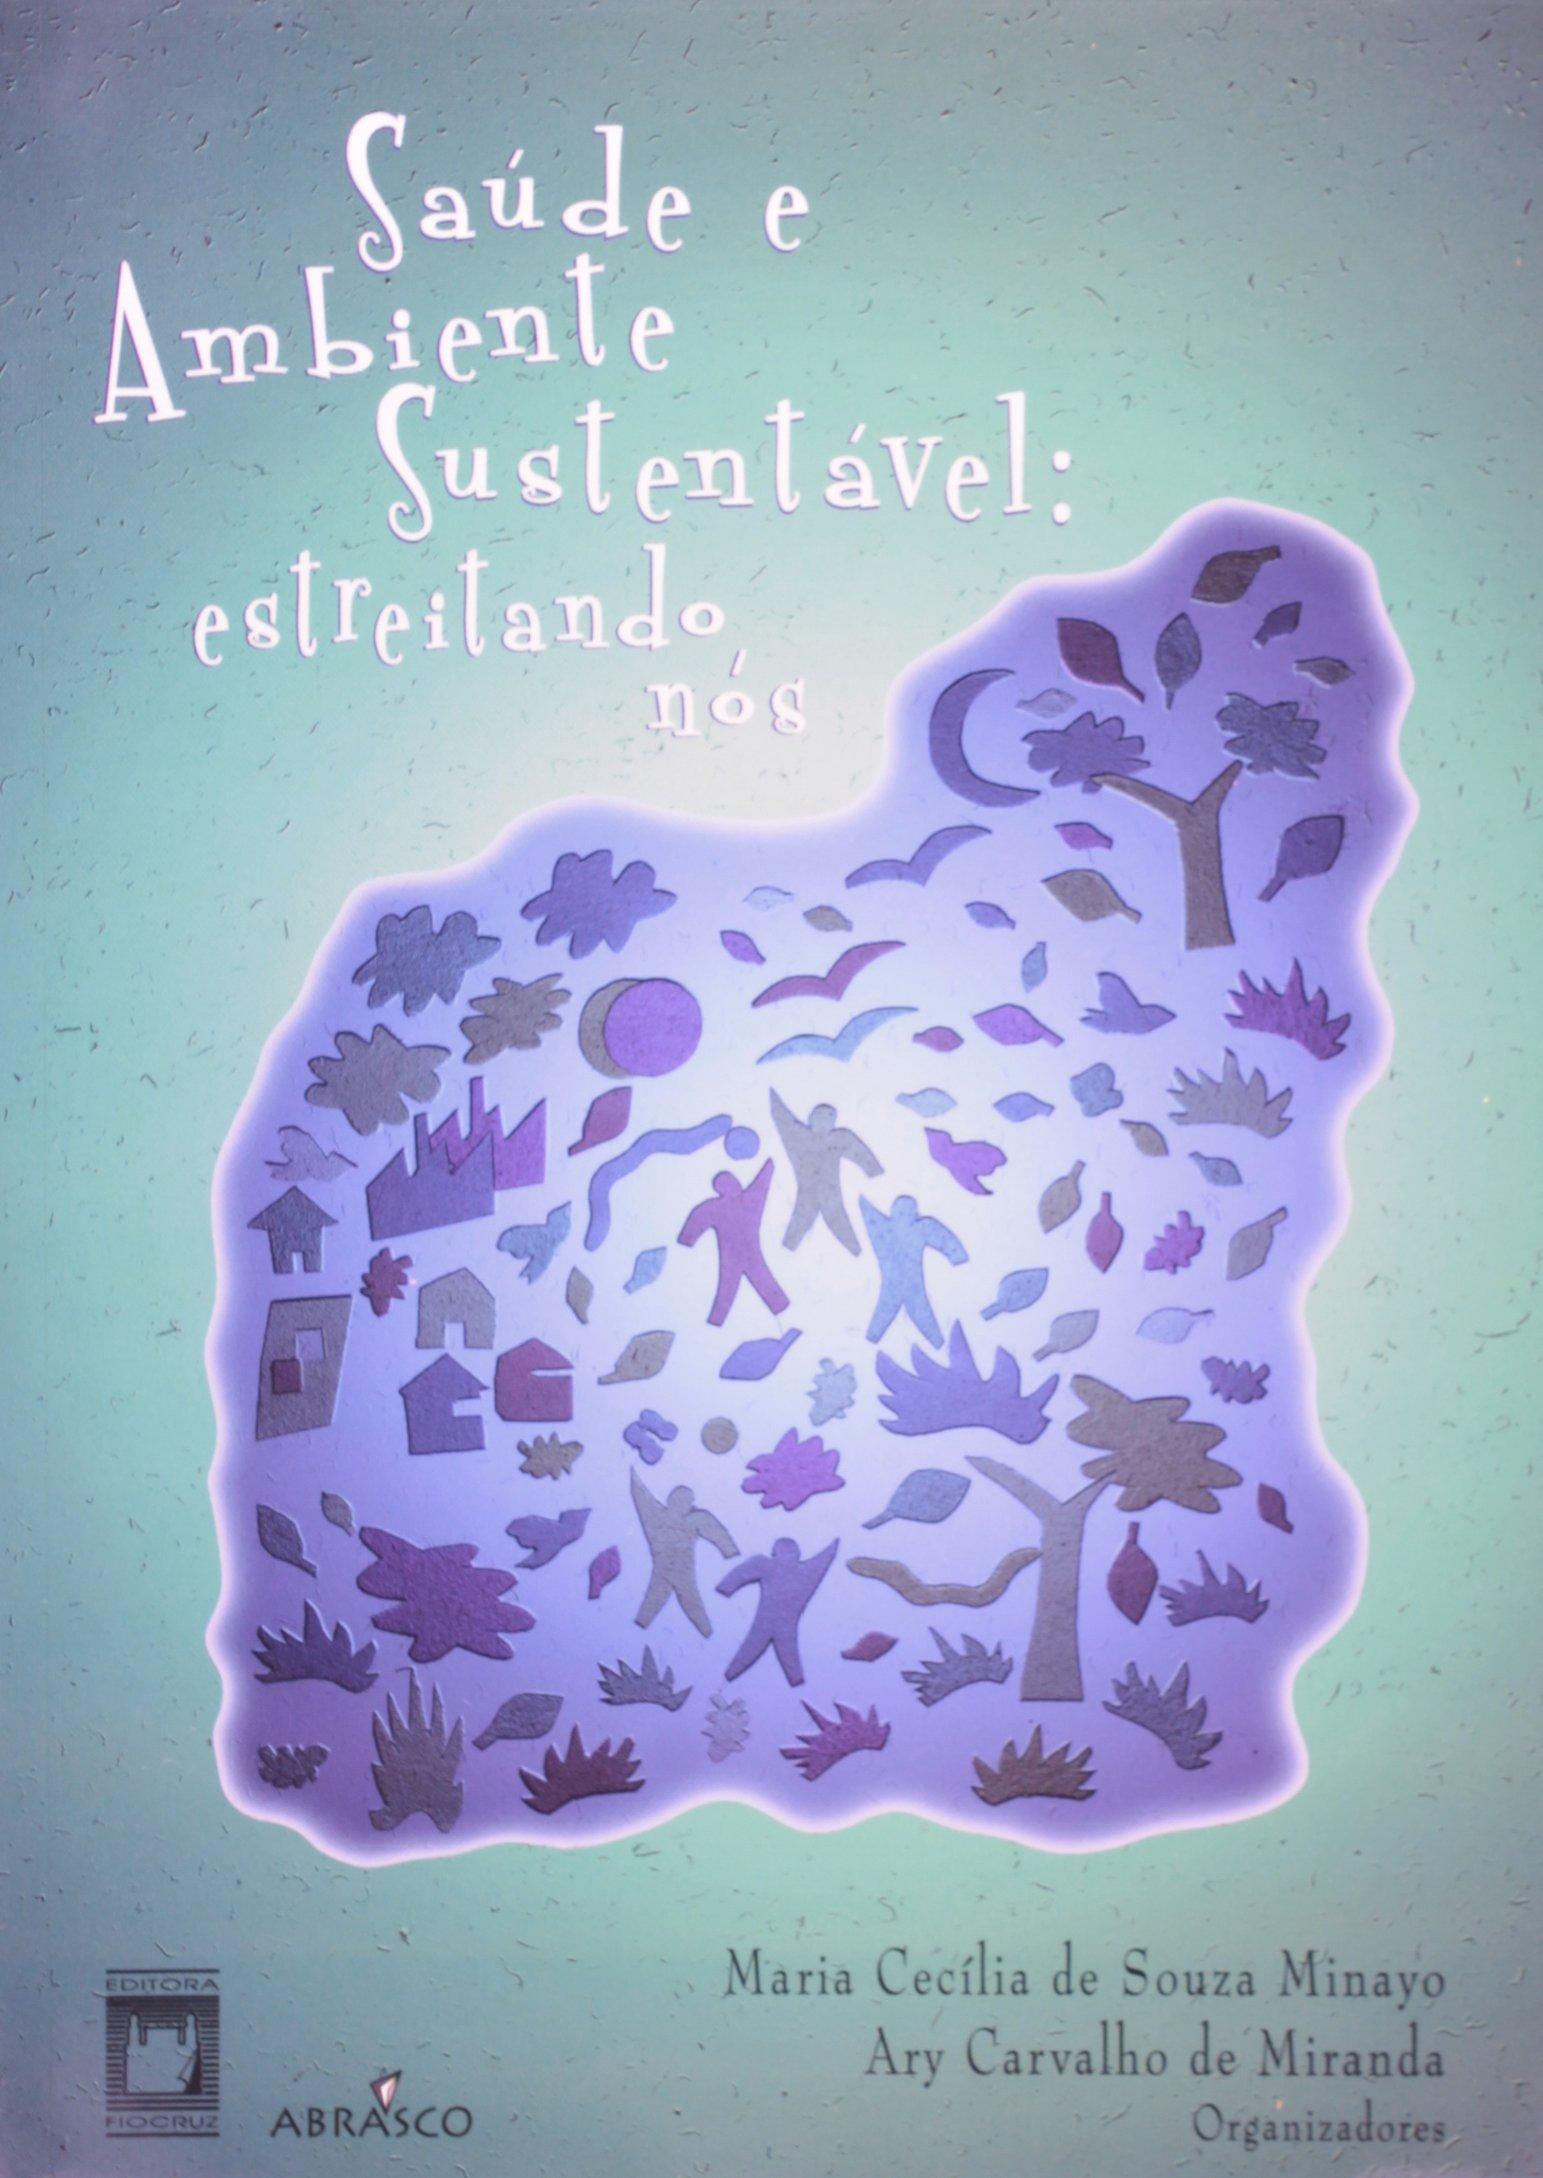 Saúde e ambiente sustentável: estreitando nós, livro de Maria Cecília de Souza Minayo, Ary Carvalho de Miranda (orgs.)